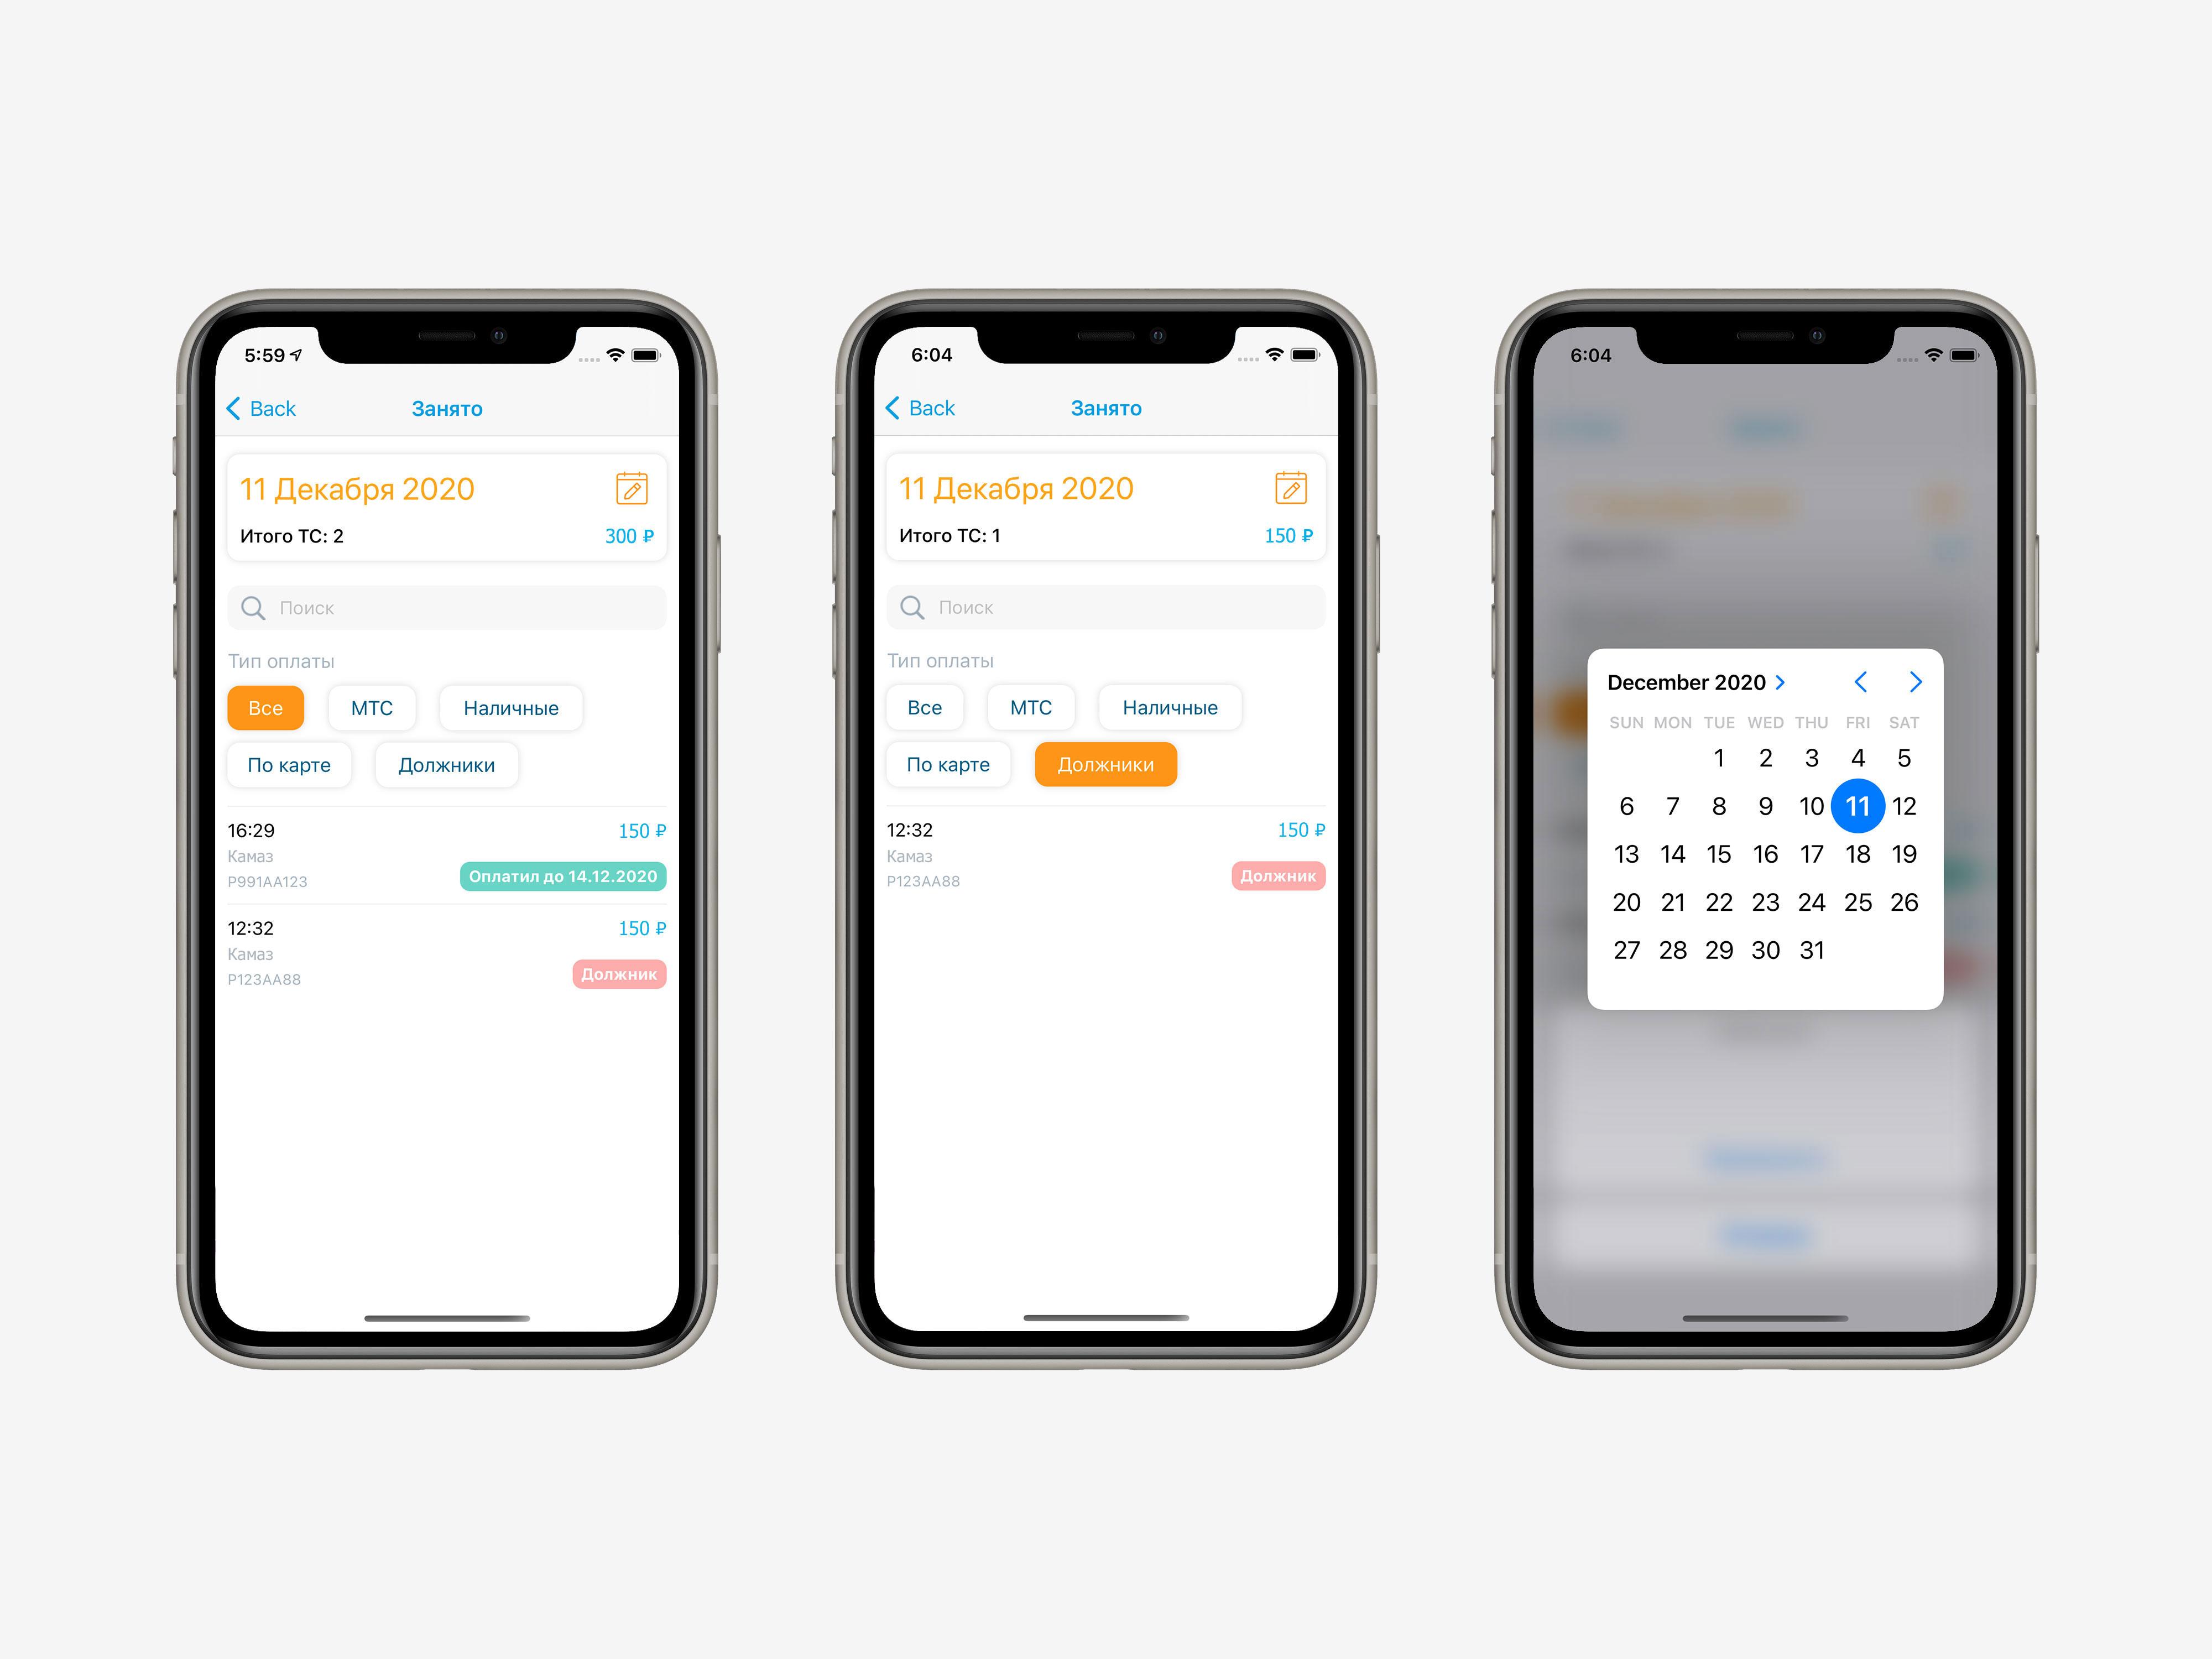 Раздел занято для стоянок в iOS